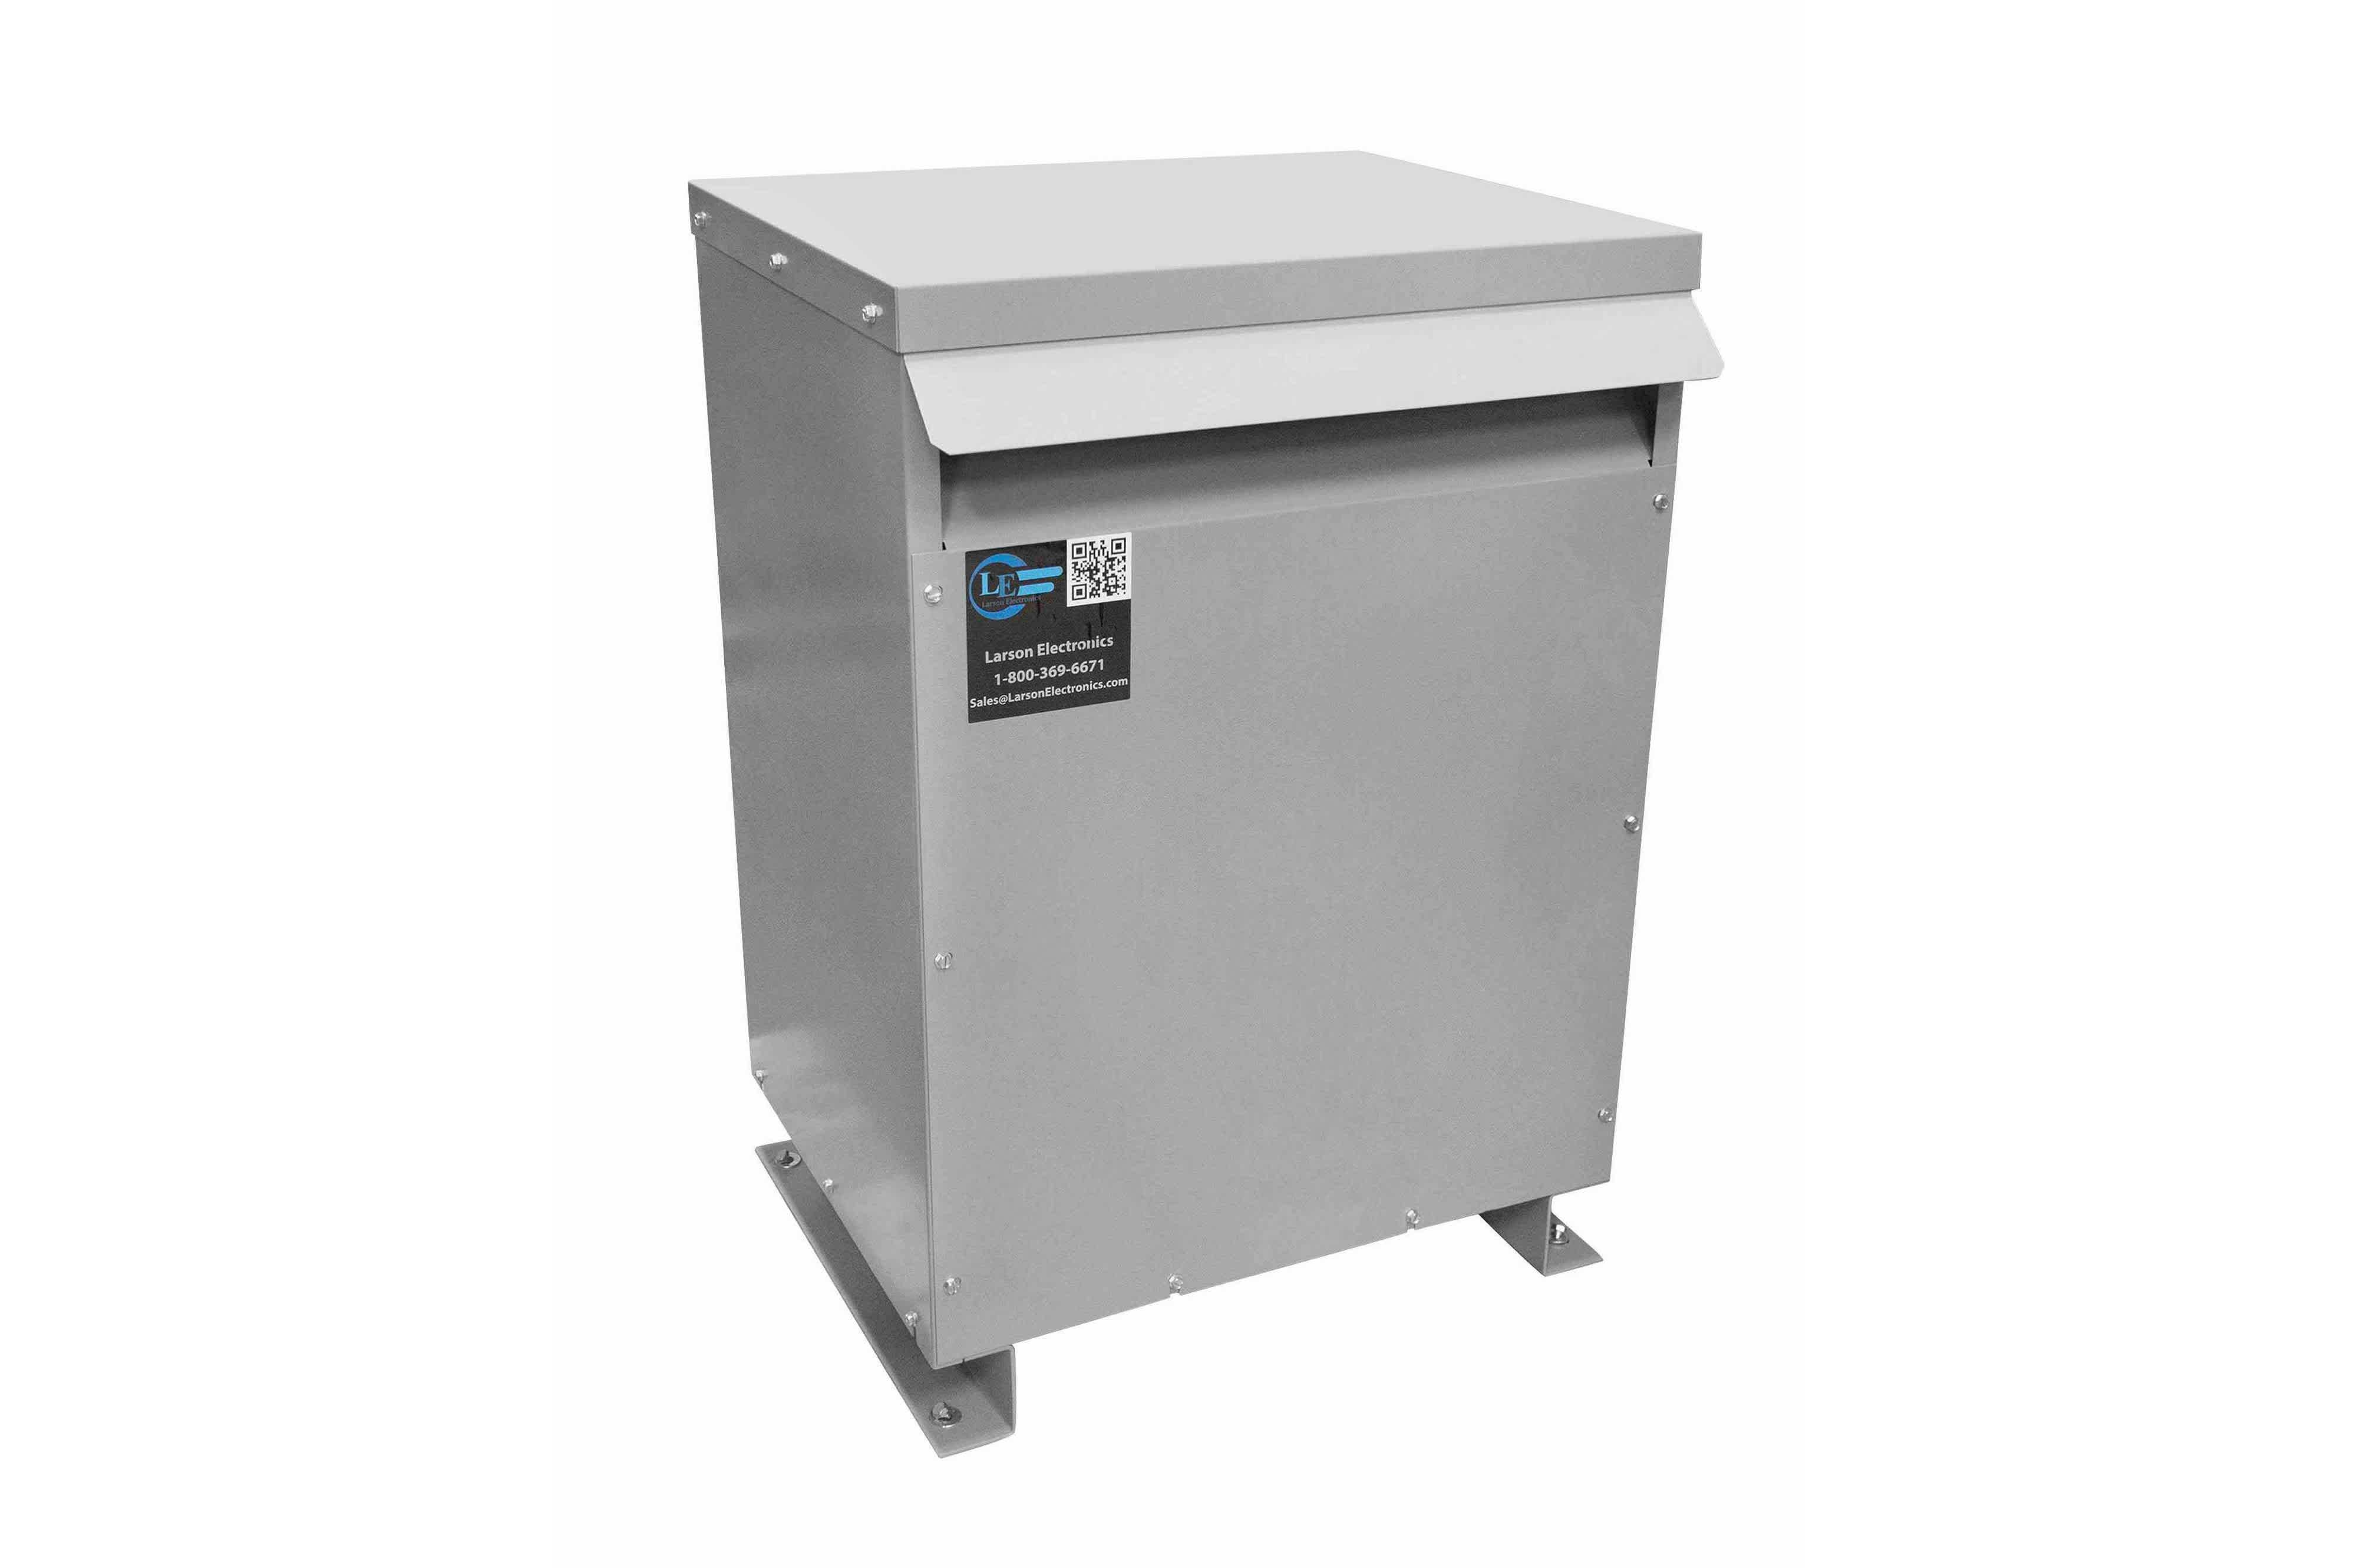 11 kVA 3PH Isolation Transformer, 240V Delta Primary, 480V Delta Secondary, N3R, Ventilated, 60 Hz